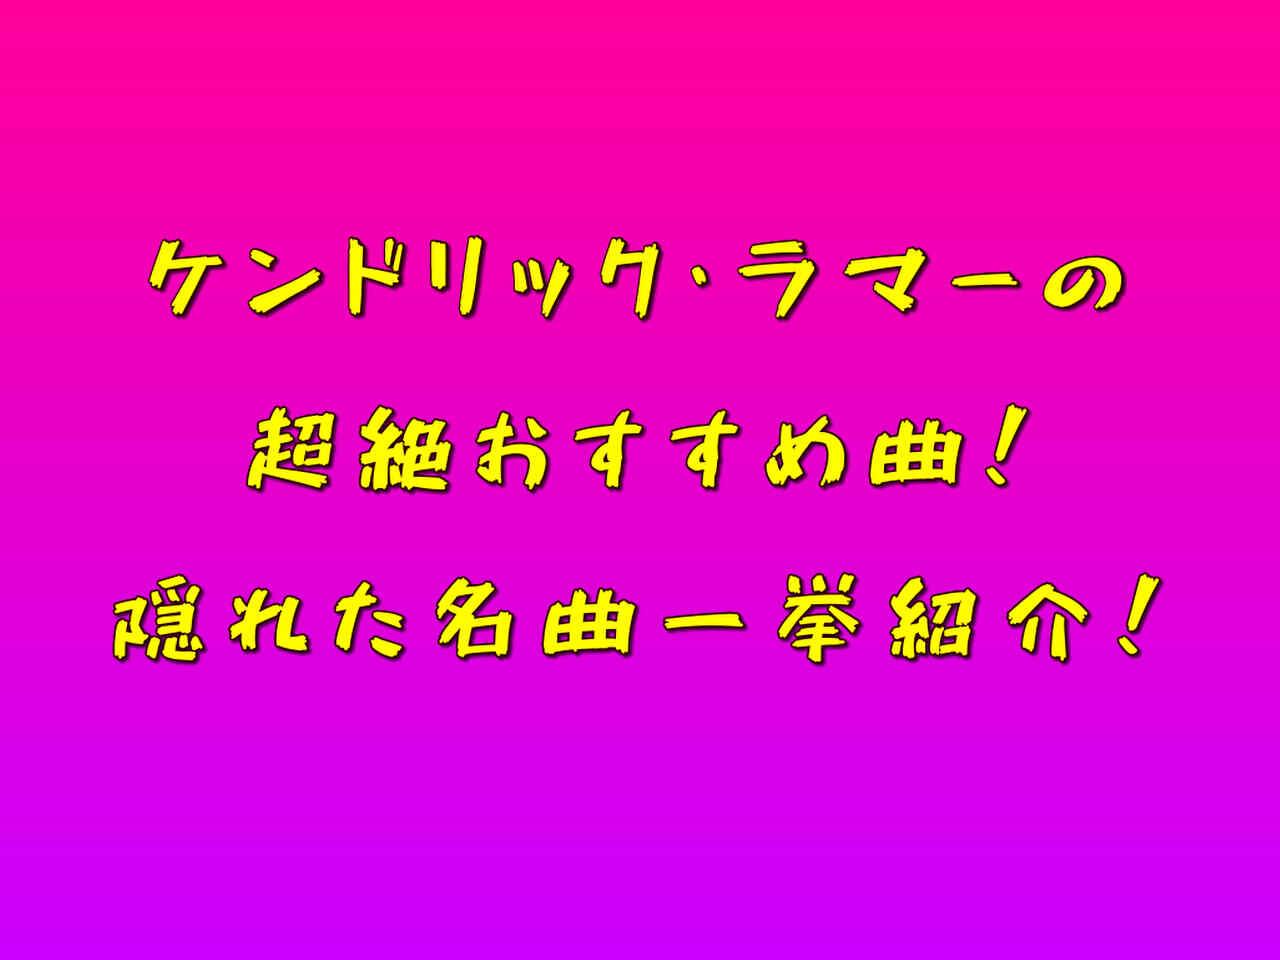 ケンドリック・ラマーの超絶おすすめ曲!隠れた名曲一挙紹介!